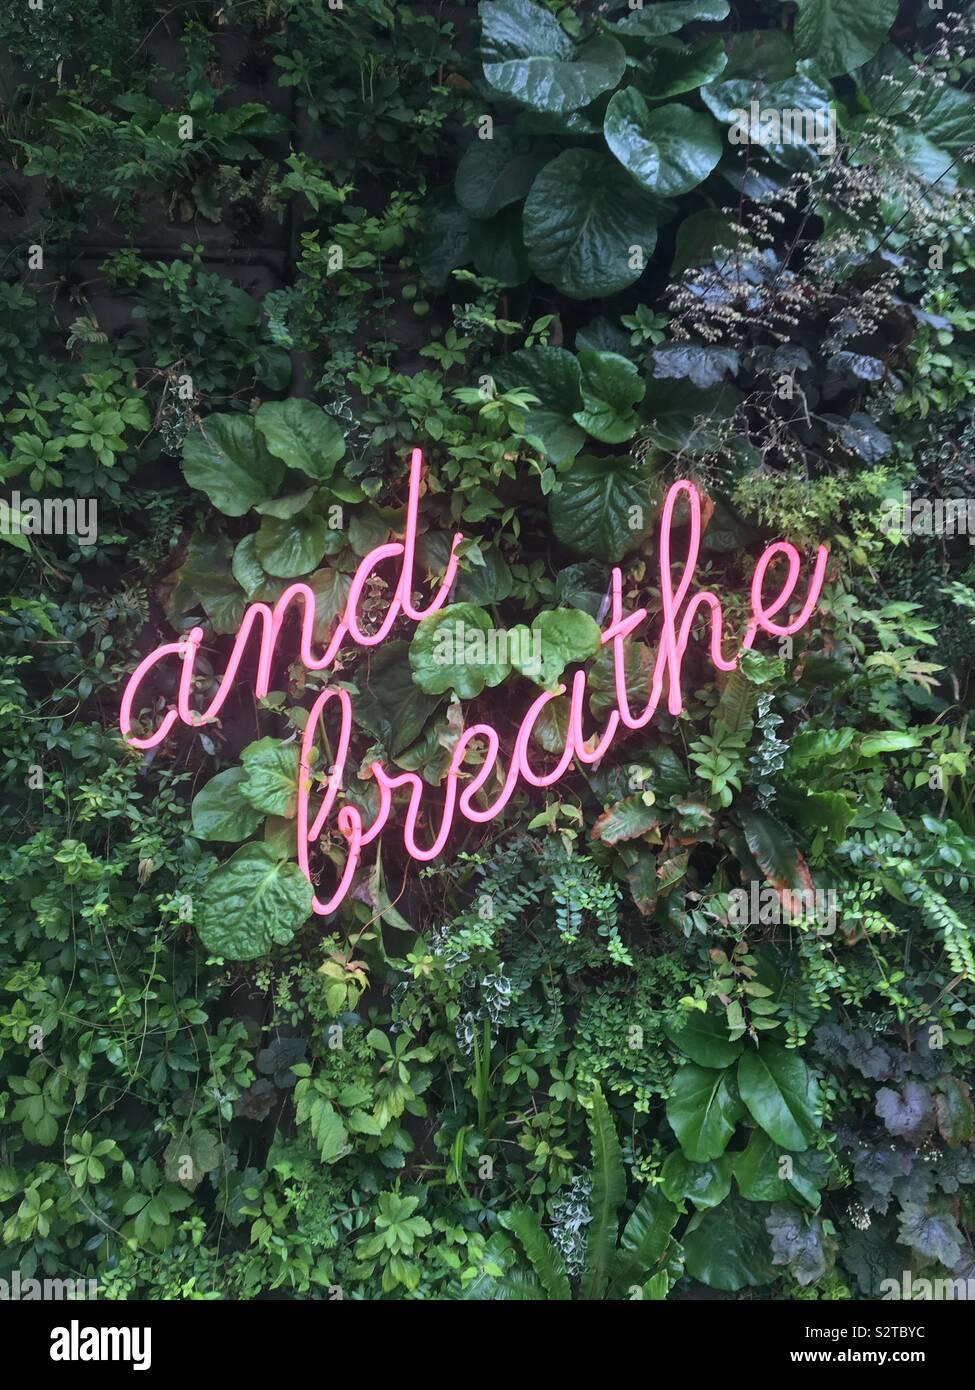 Vergessen Sie nicht zu atmen Stockfoto